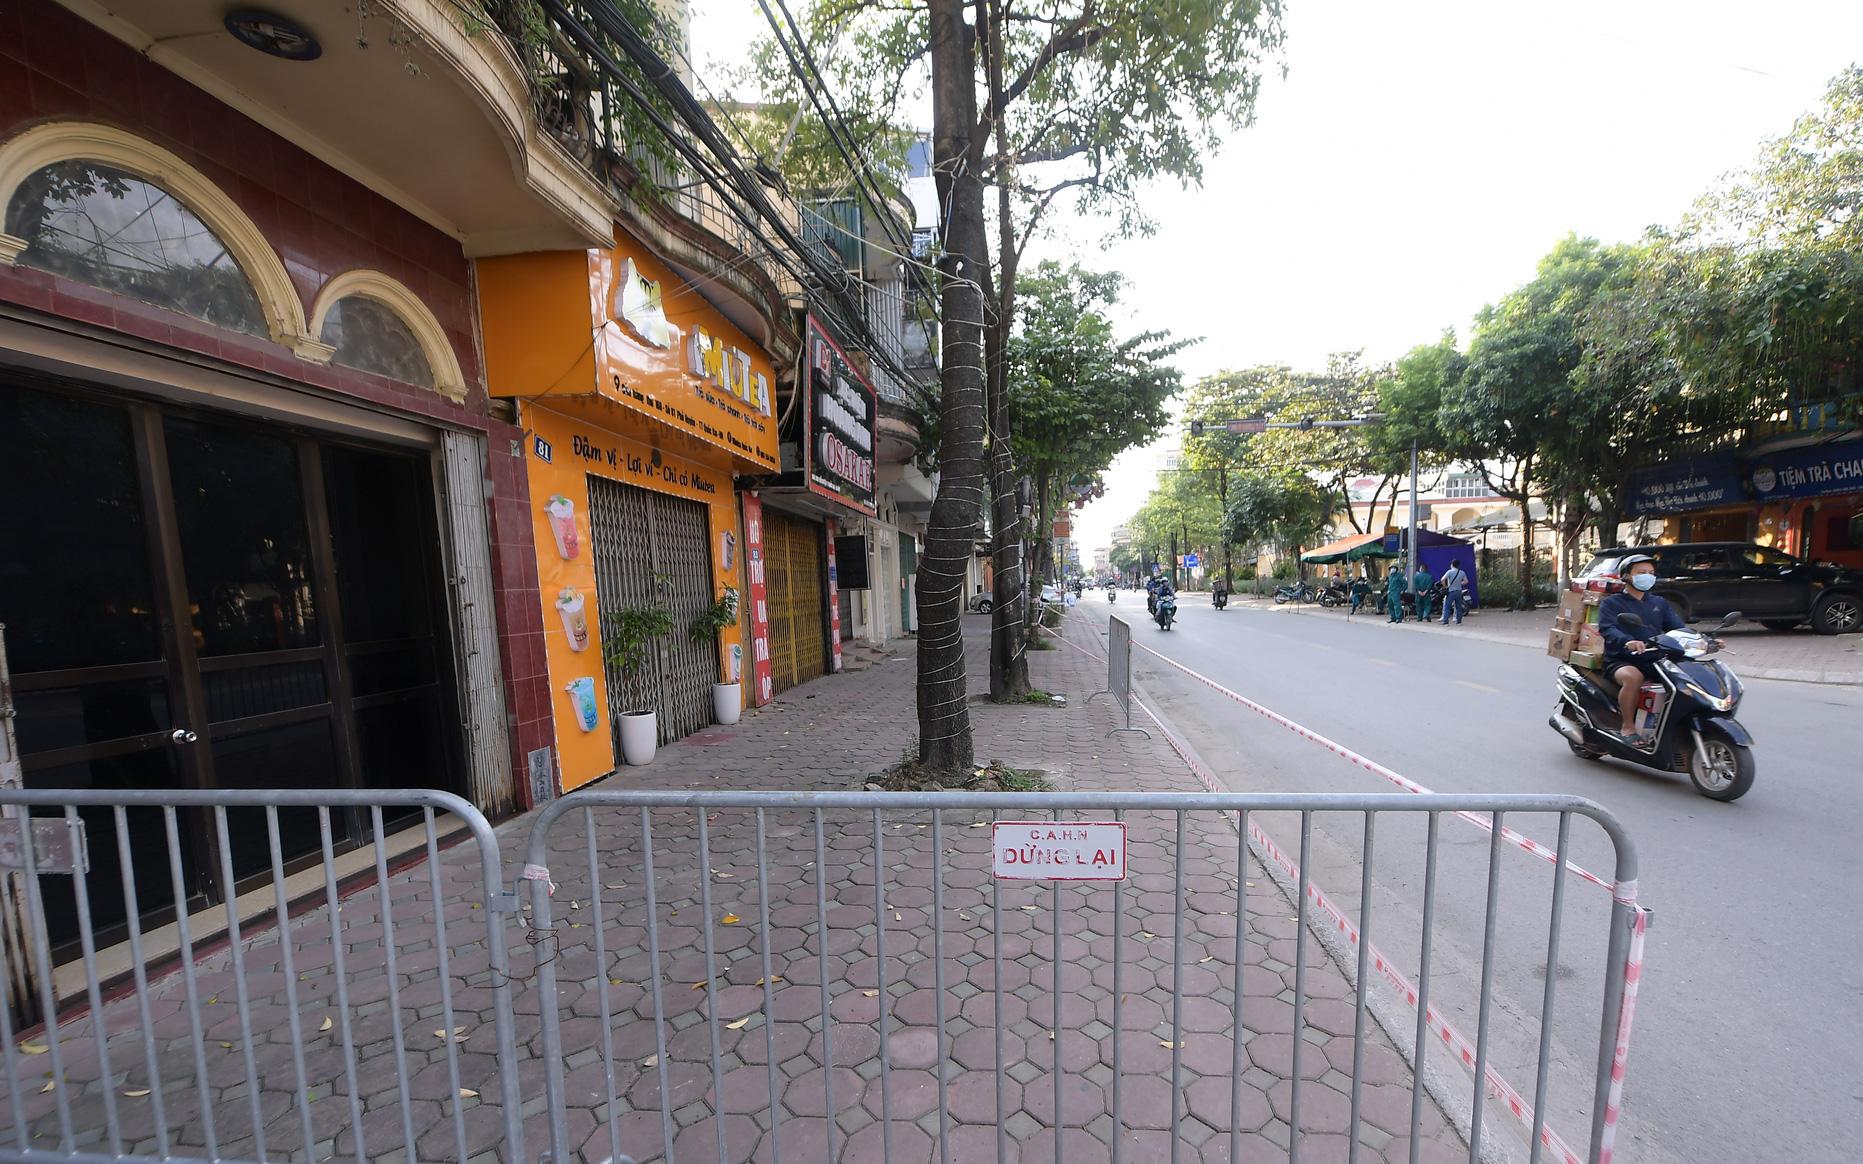 Hà Nội: Phong toả nhiều địa điểm tại huyện Quốc Oai sau khi ghi nhận 6 ca Covid-19 cộng đồng